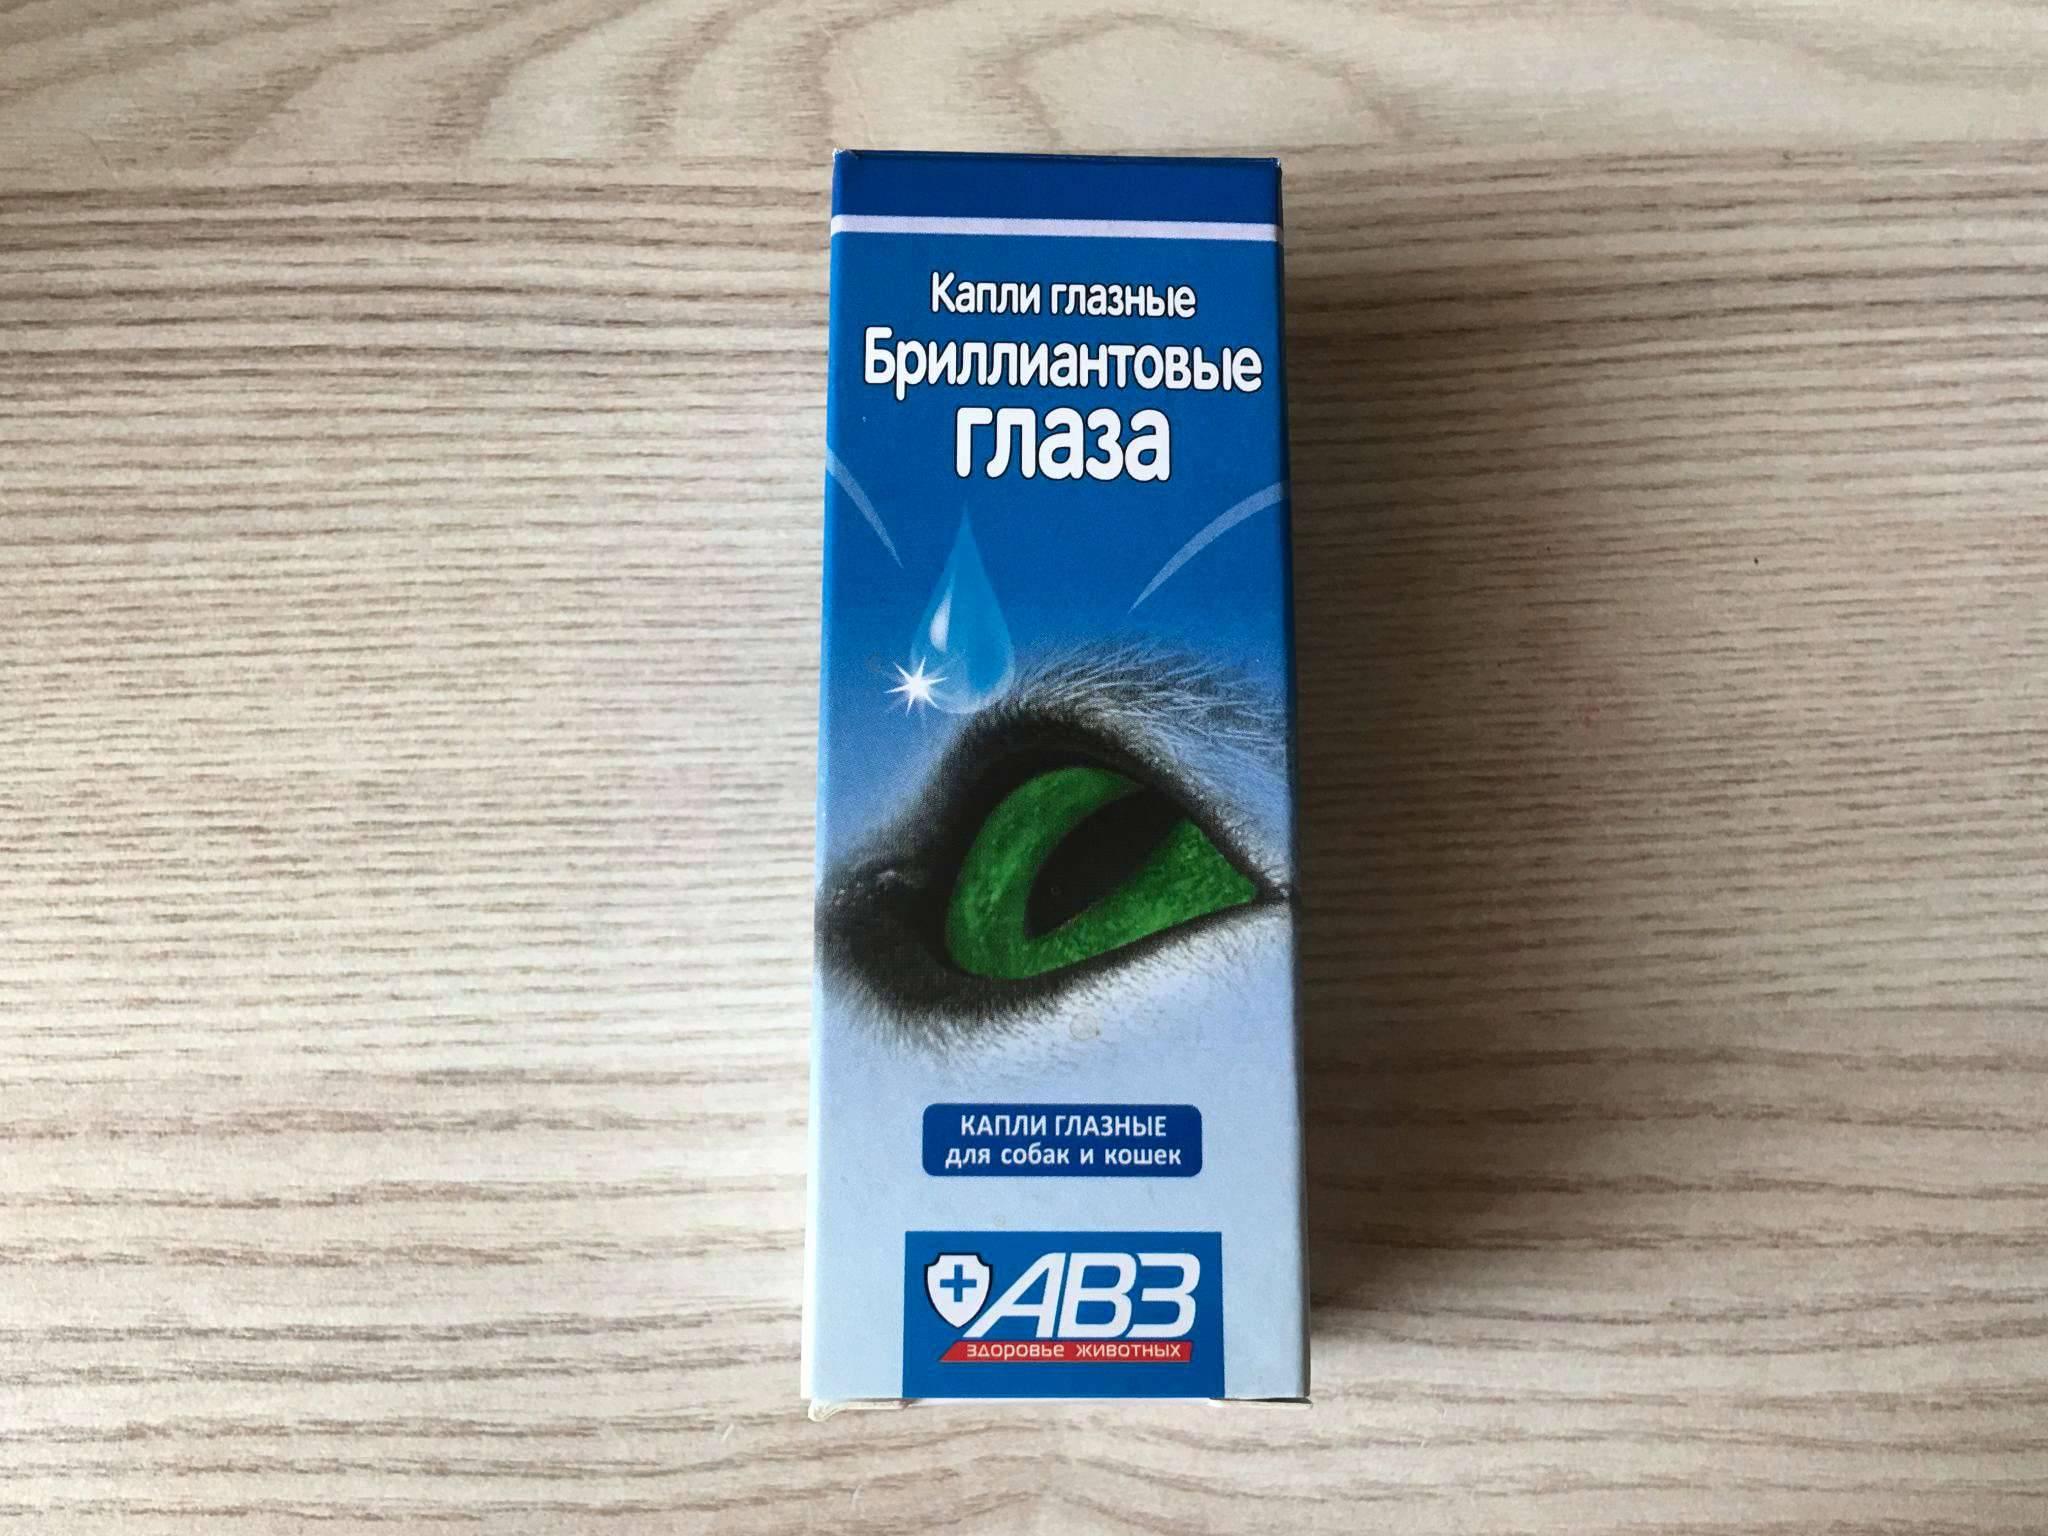 28 каплей для носа: список самых эффективных и недорогих от заложенности, от насморка с антибиотиком без привыкания для взрослых